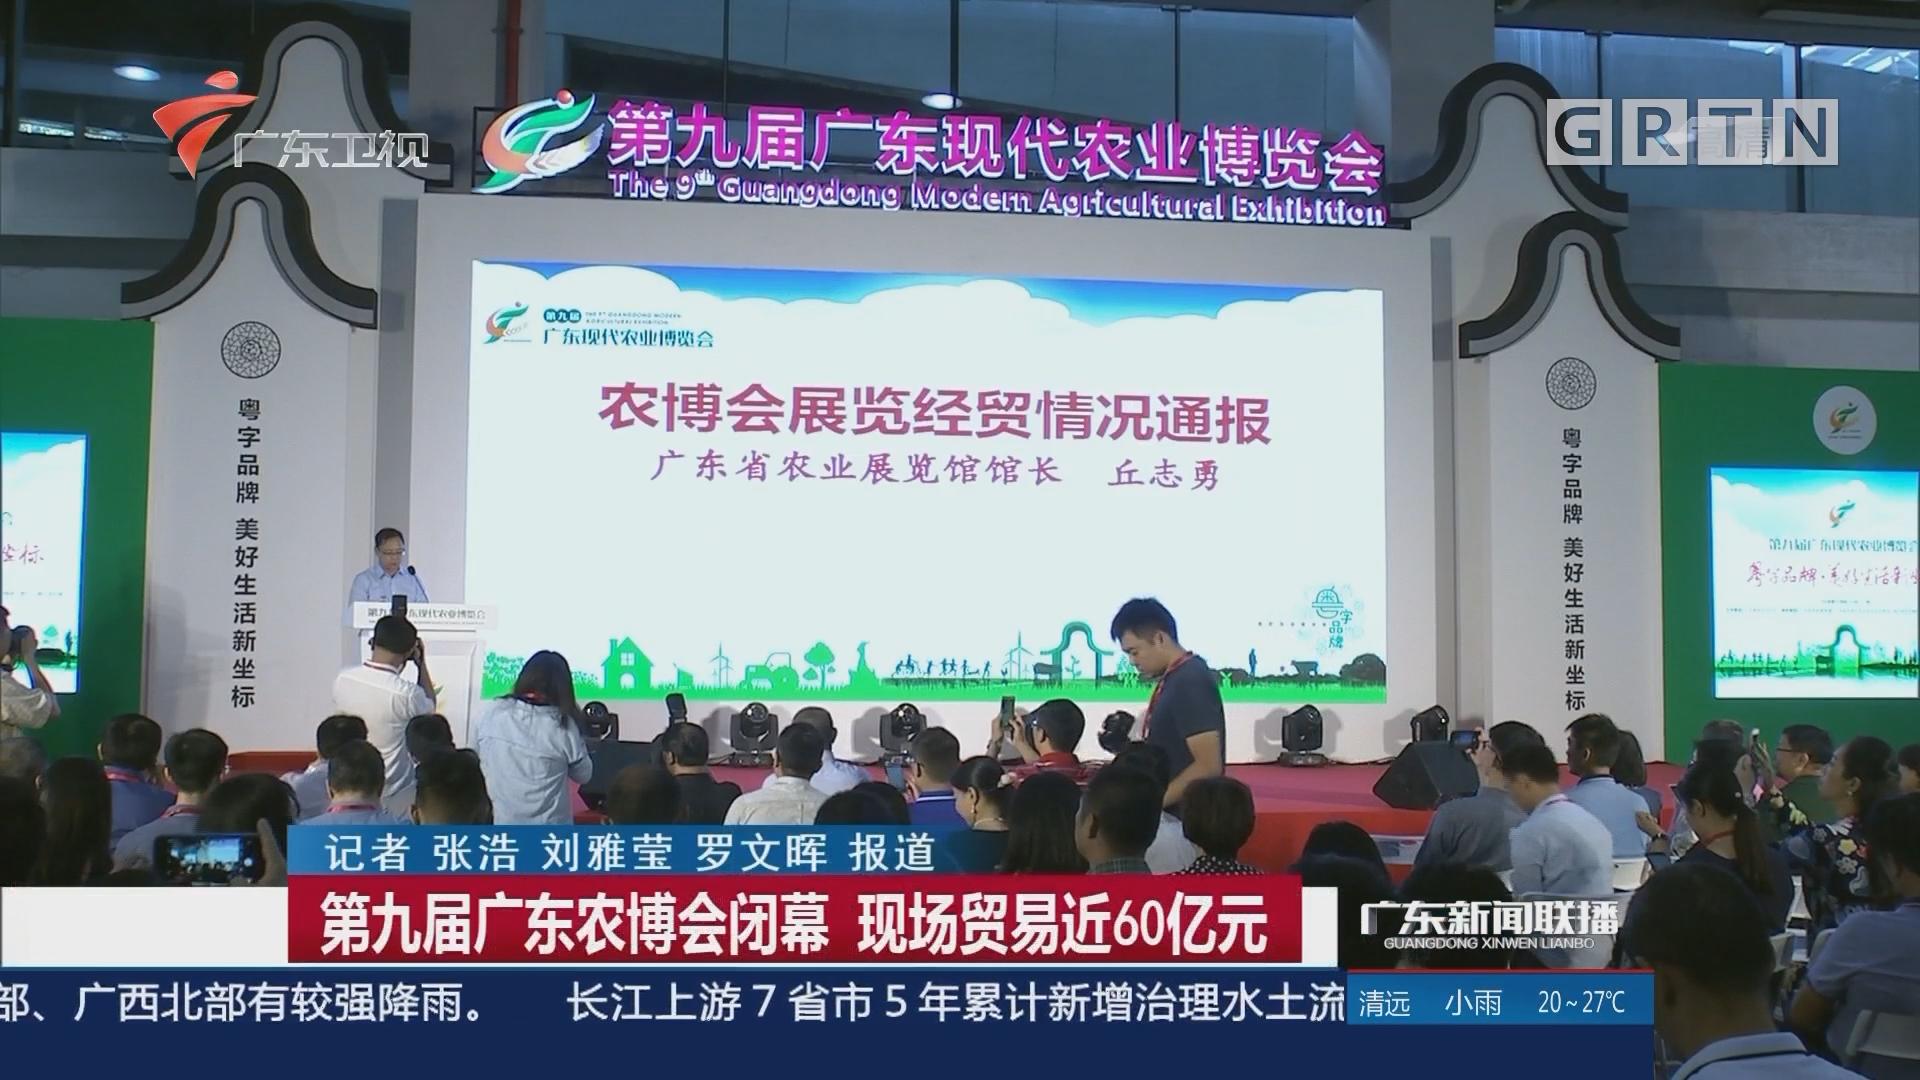 第九届广东农博会闭幕 现场贸易近60亿元